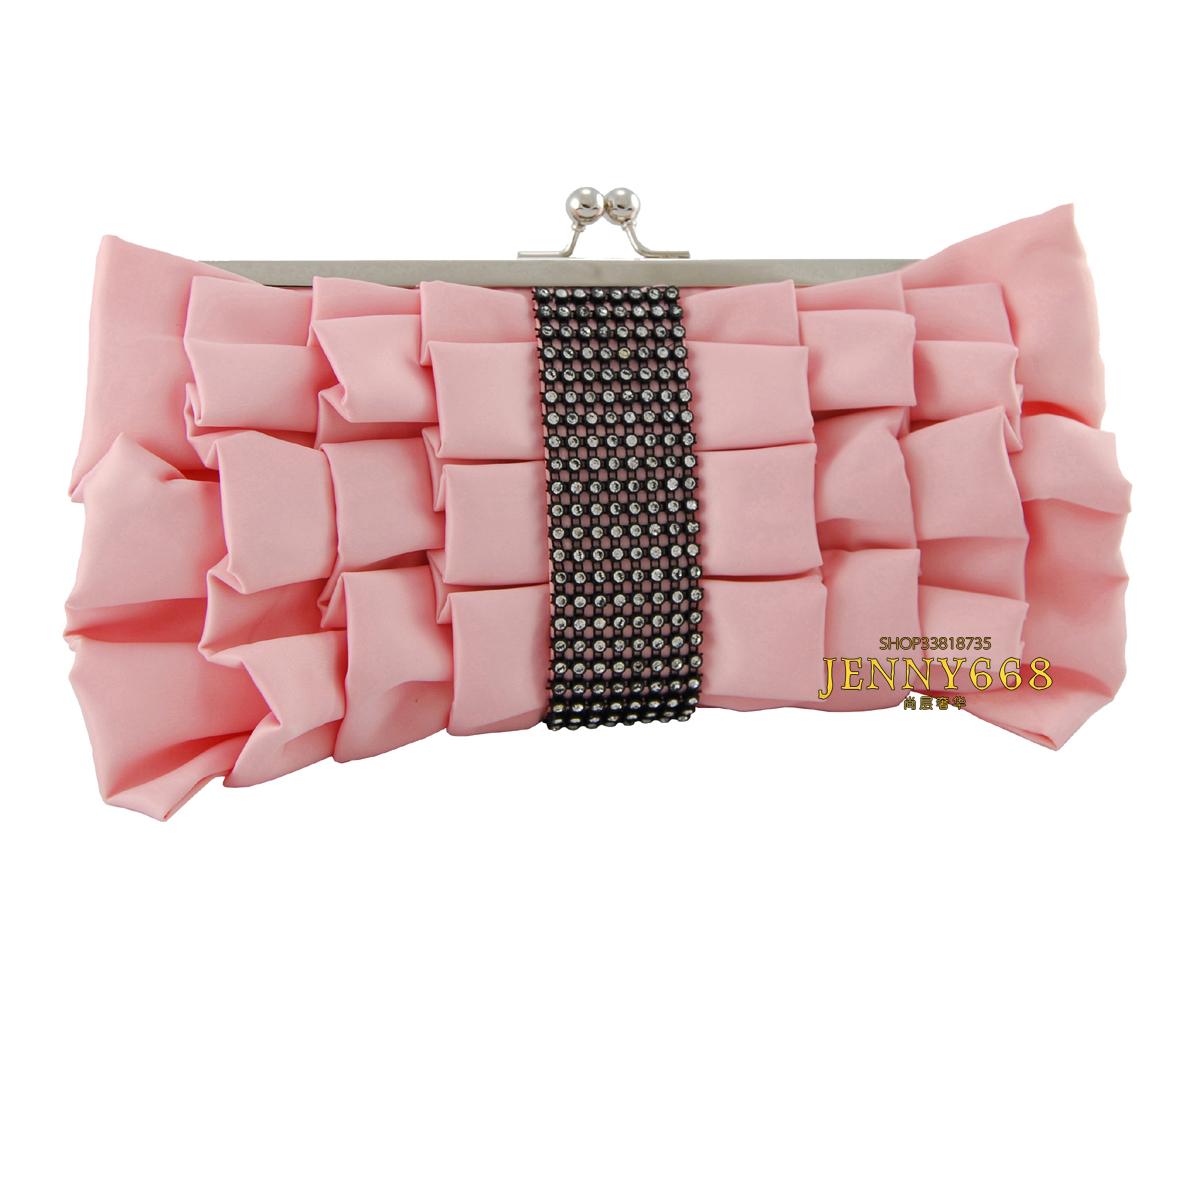 厚缎绸面蝴蝶结款镶钻粉红色宴会包手抓包晚宴包新娘结婚包晚装包